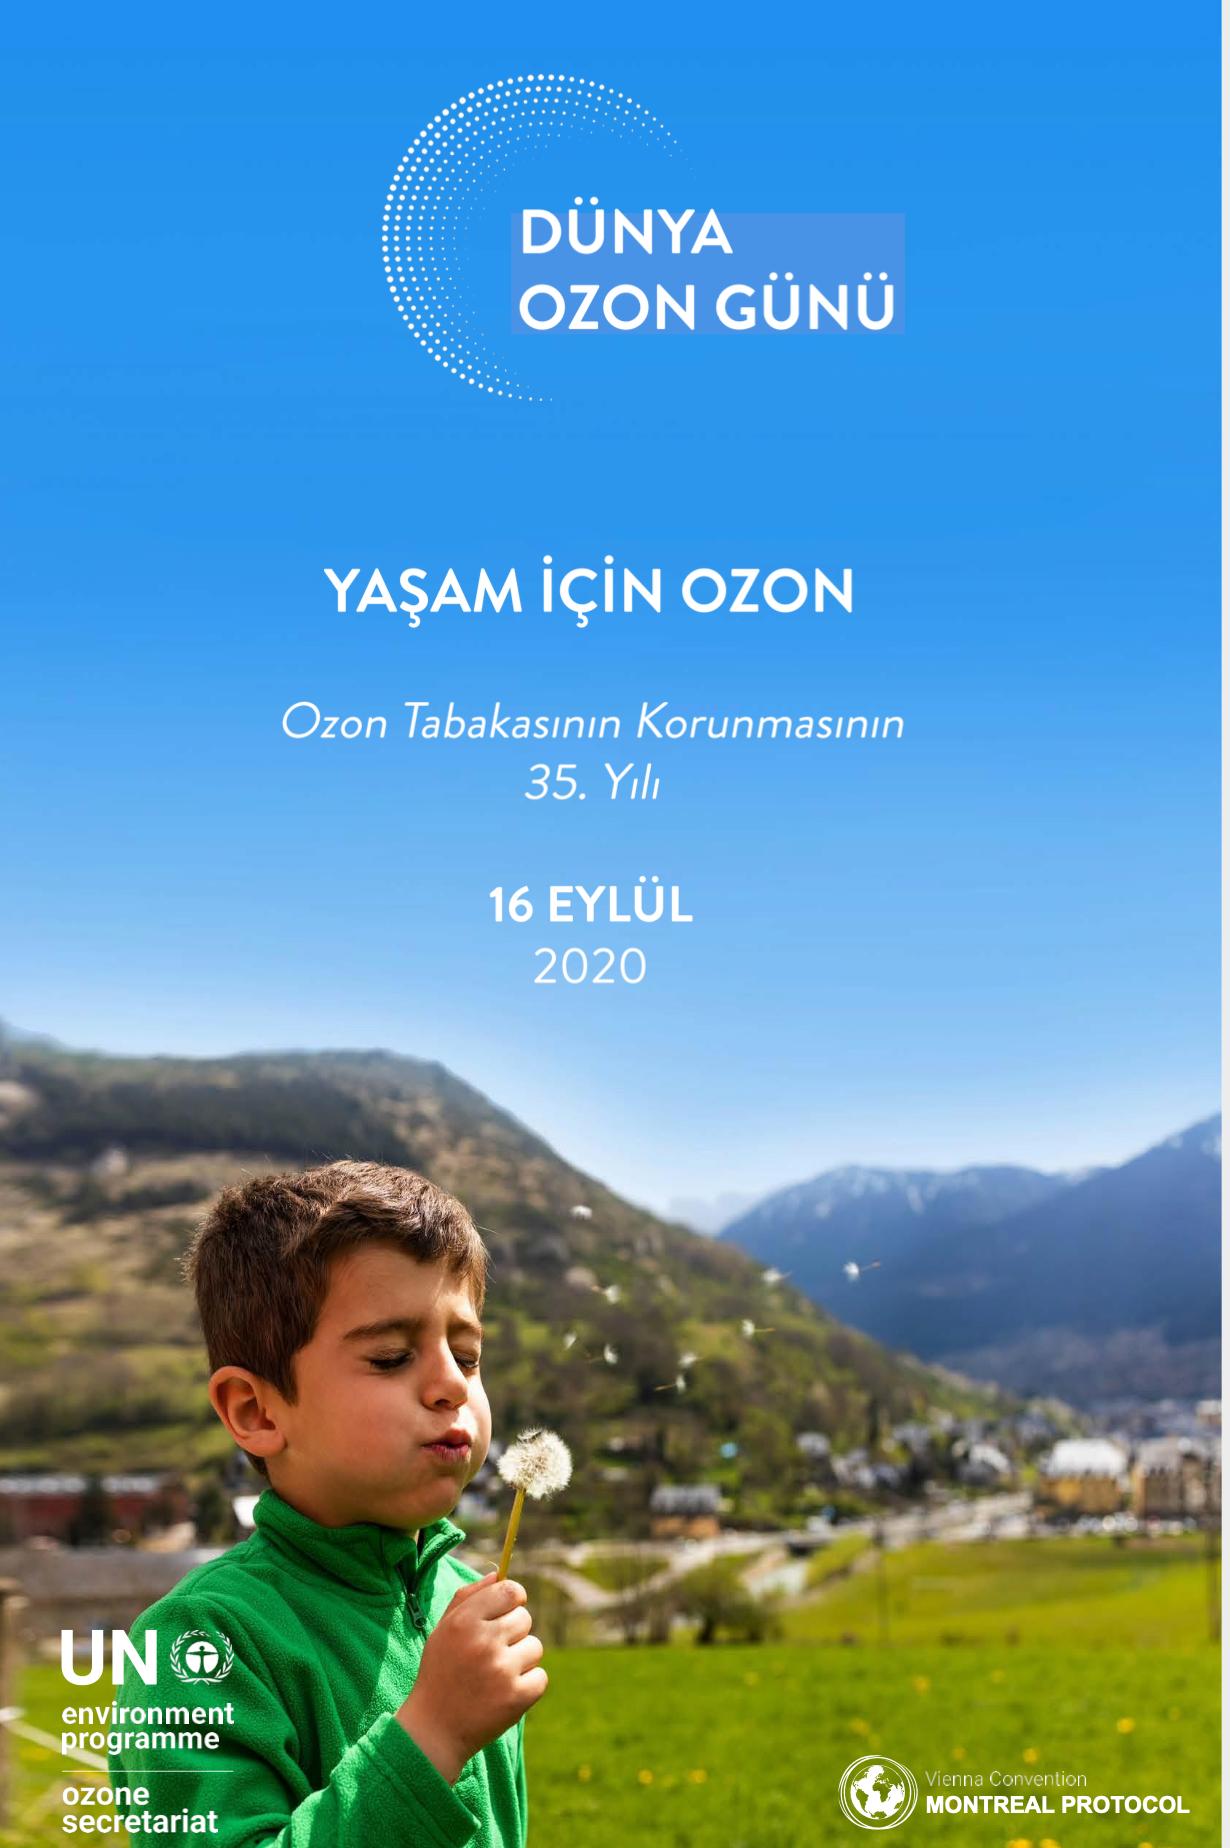 Yaşam için Ozon: Ozon tabakasının korunmasının 35nci yılı kutlanıyor